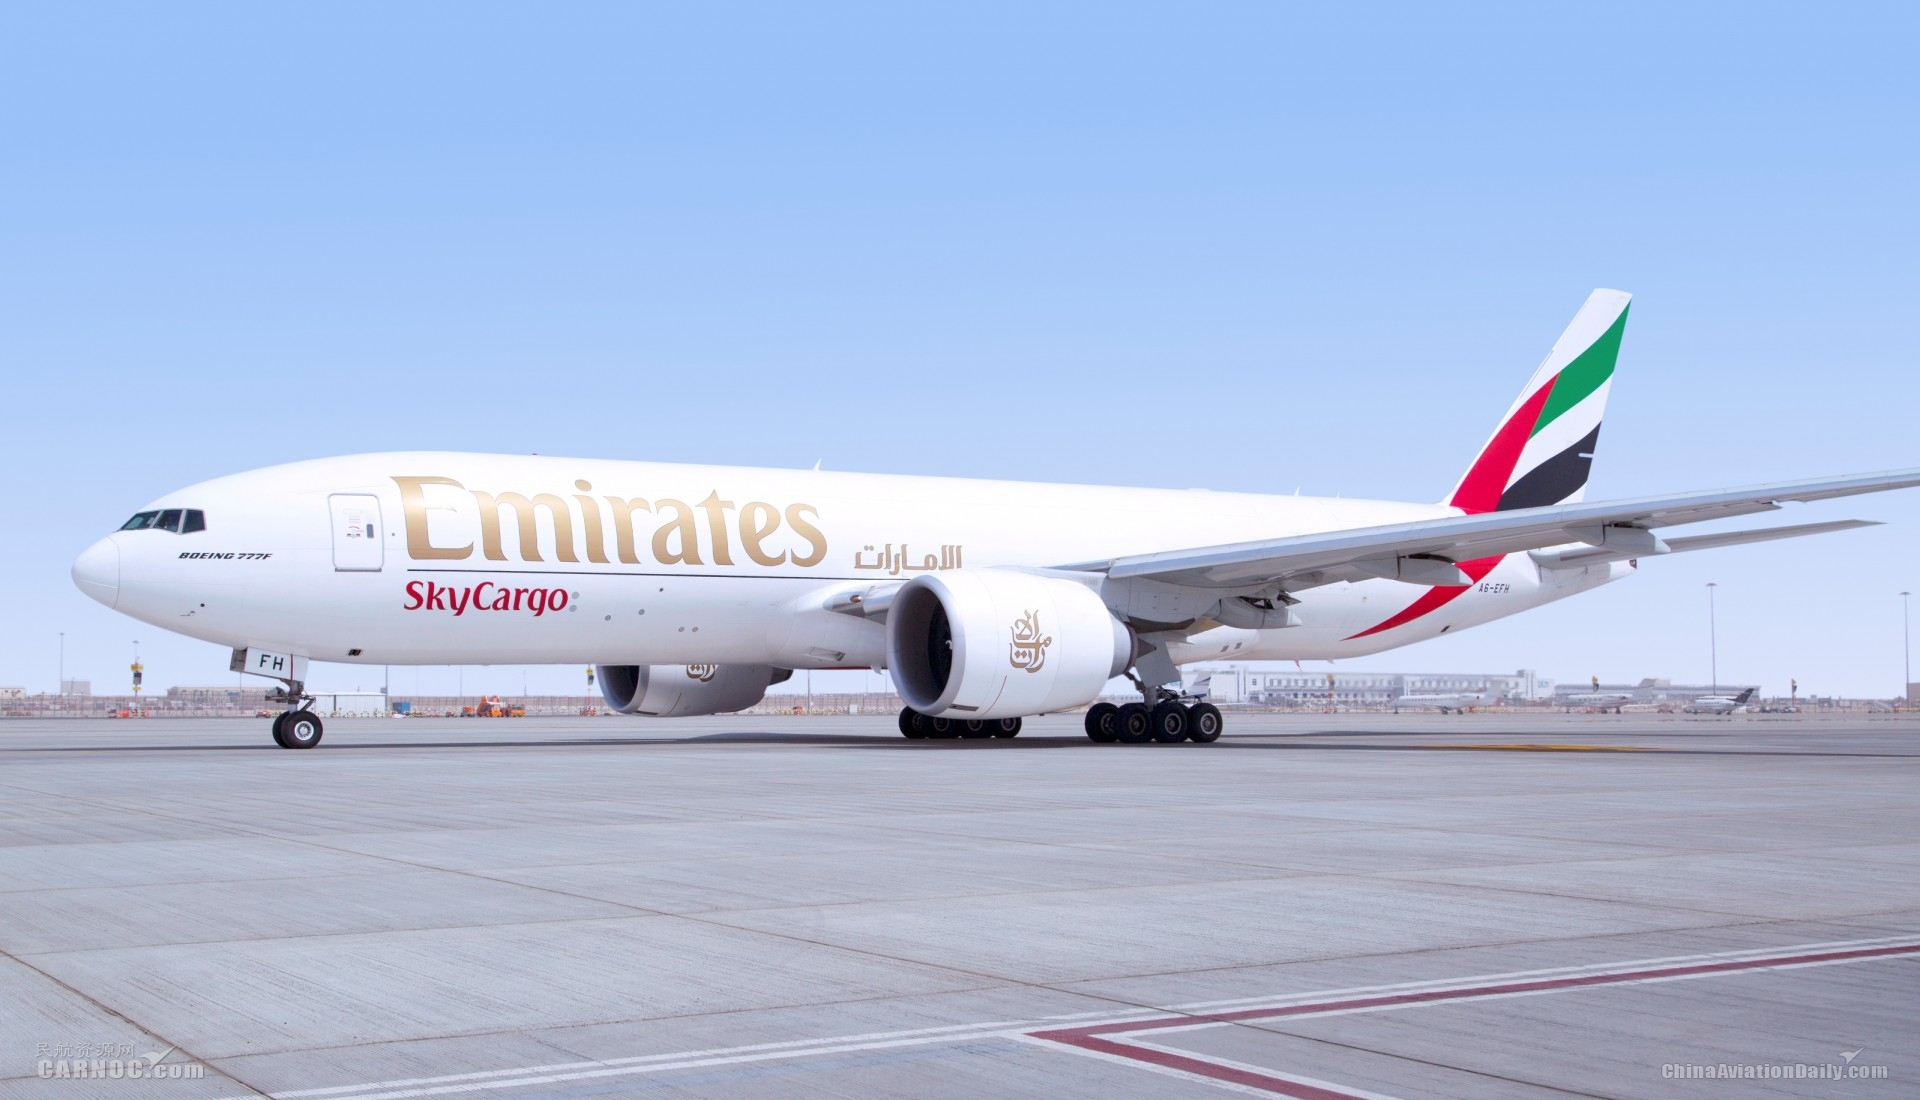 阿联酋航空SkyCargo开通墨西哥瓜达拉哈拉货运航班